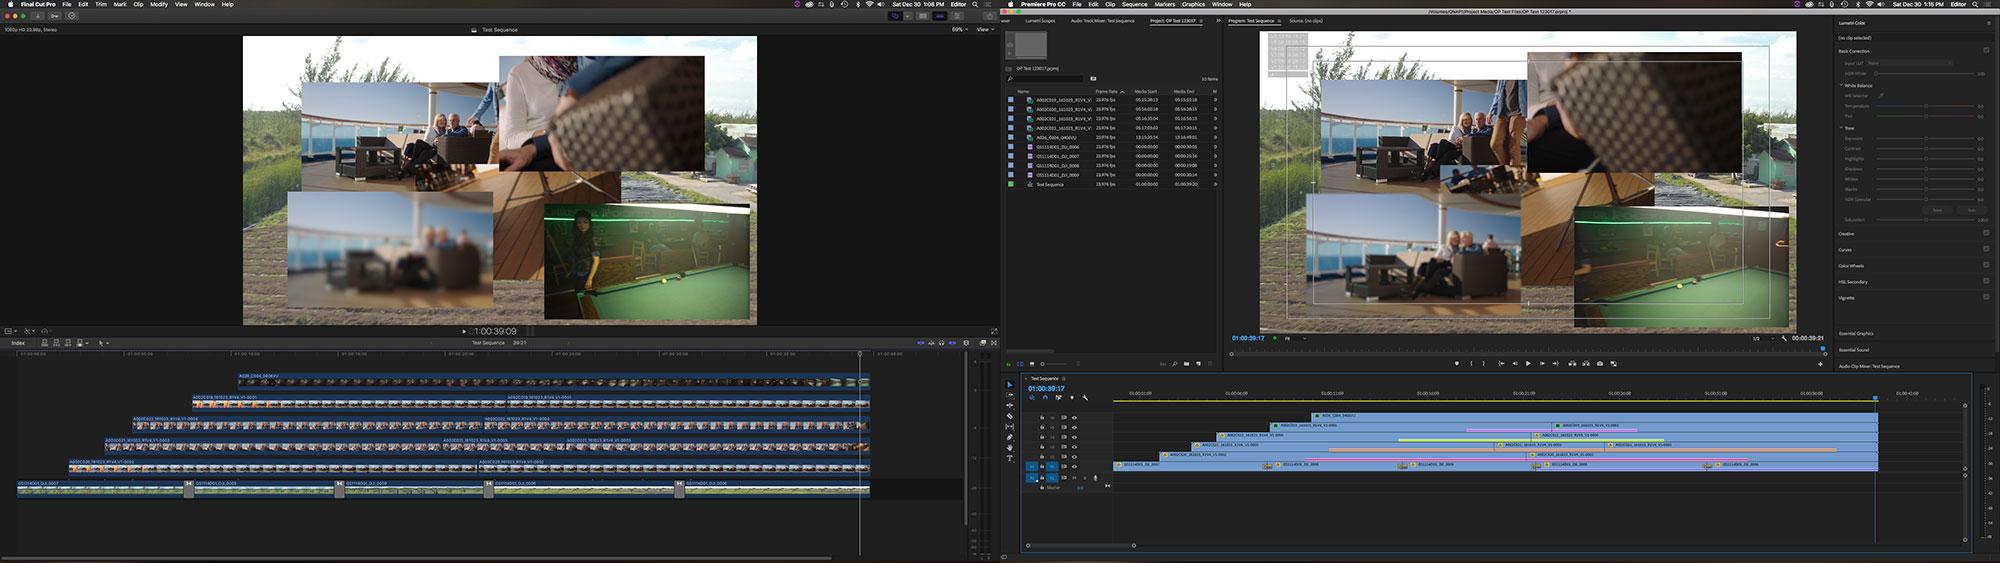 Final Cut | digitalfilms